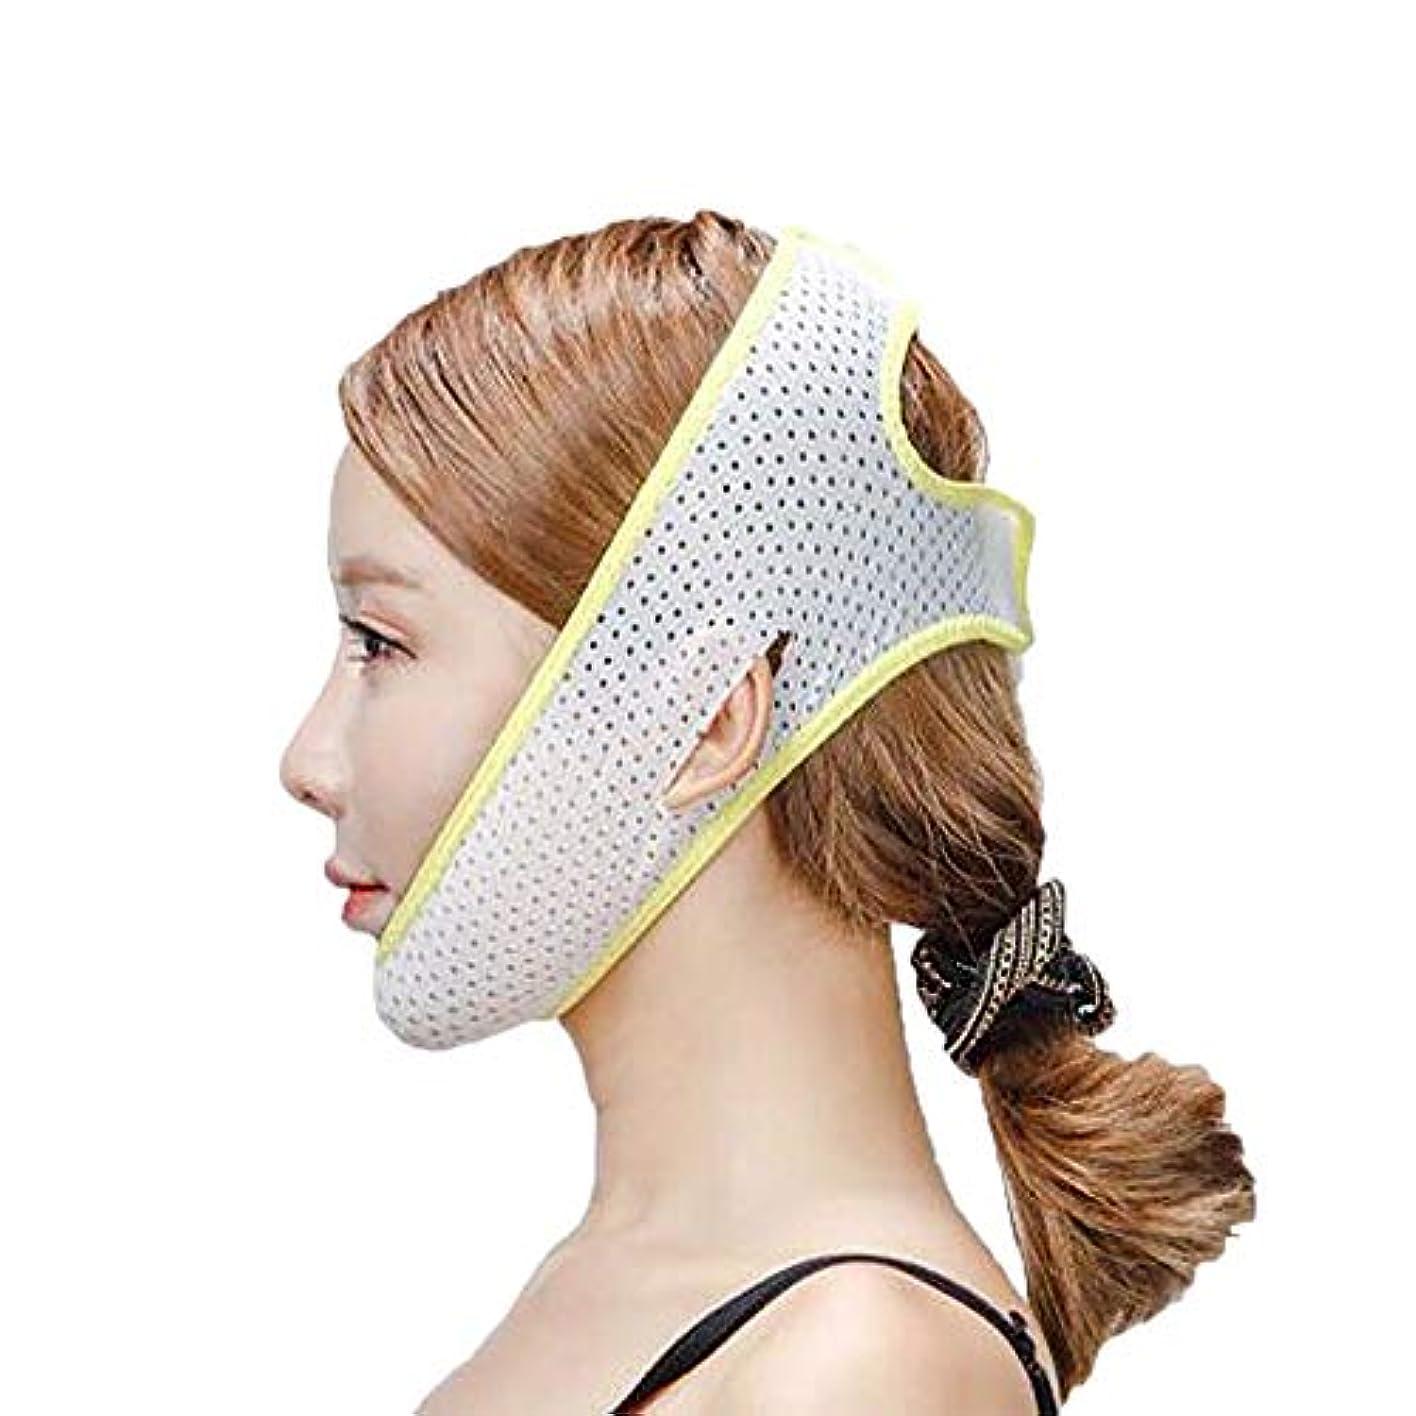 誤解させるアダルト法律によりフェイスリフトマスク、ダブルチンストラップ、フェイシャル減量マスク、フェイシャルダブルチンケアスリミングマスク、リンクルマスク(フリーサイズ) (Color : Yellow)